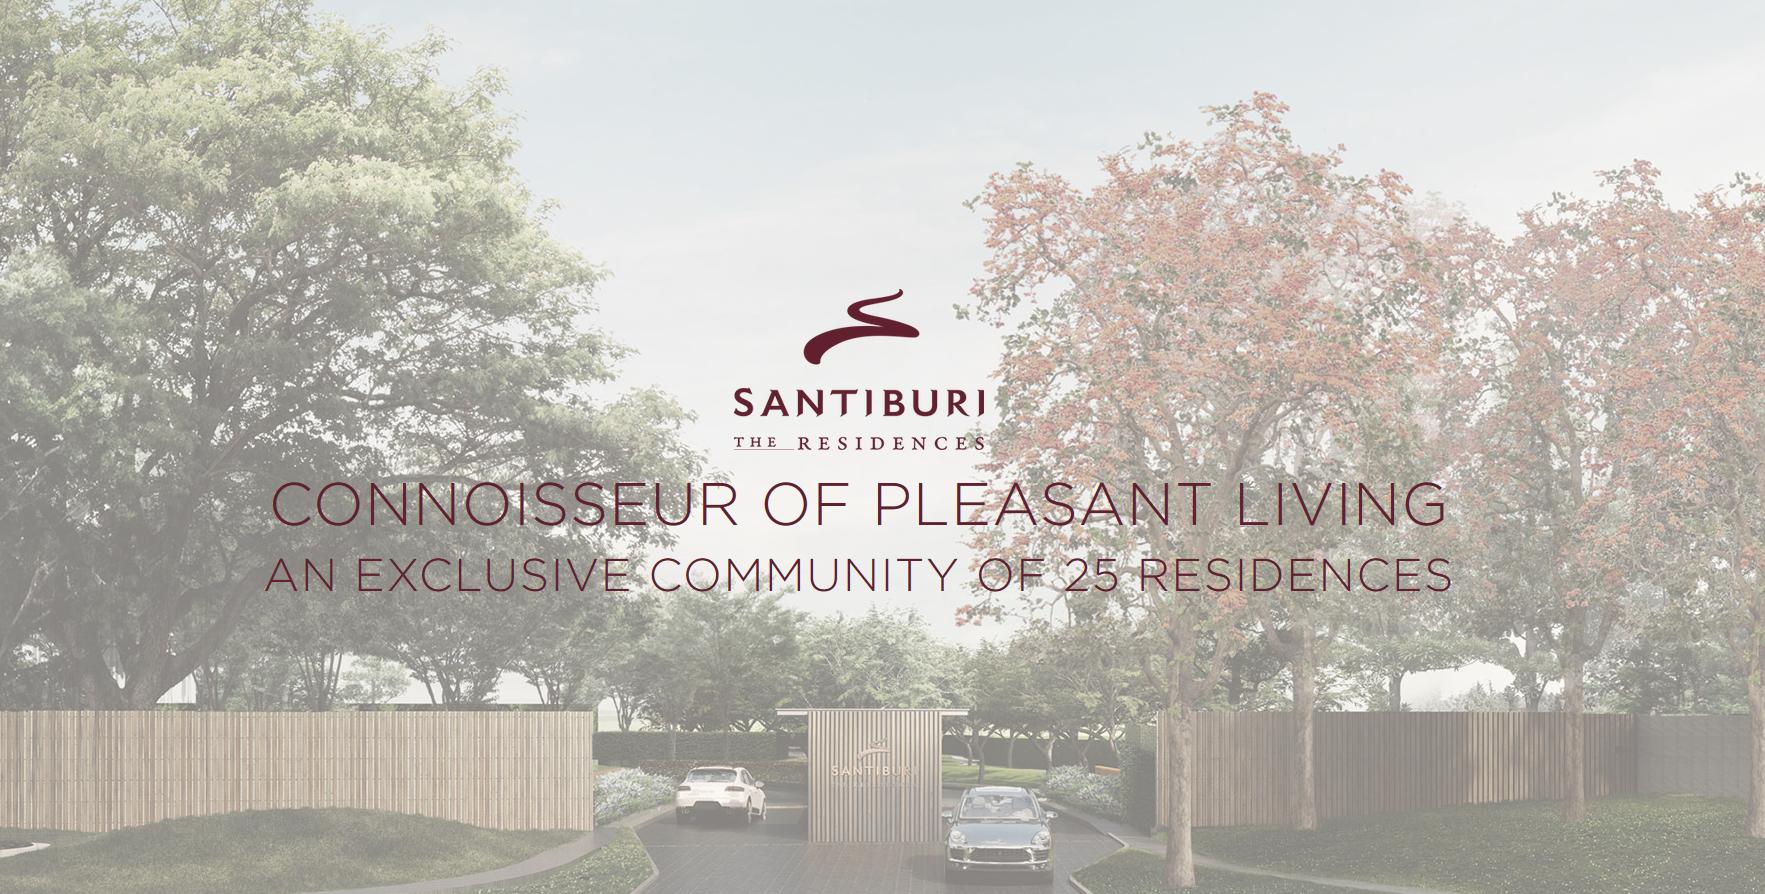 Santiburi The Residences